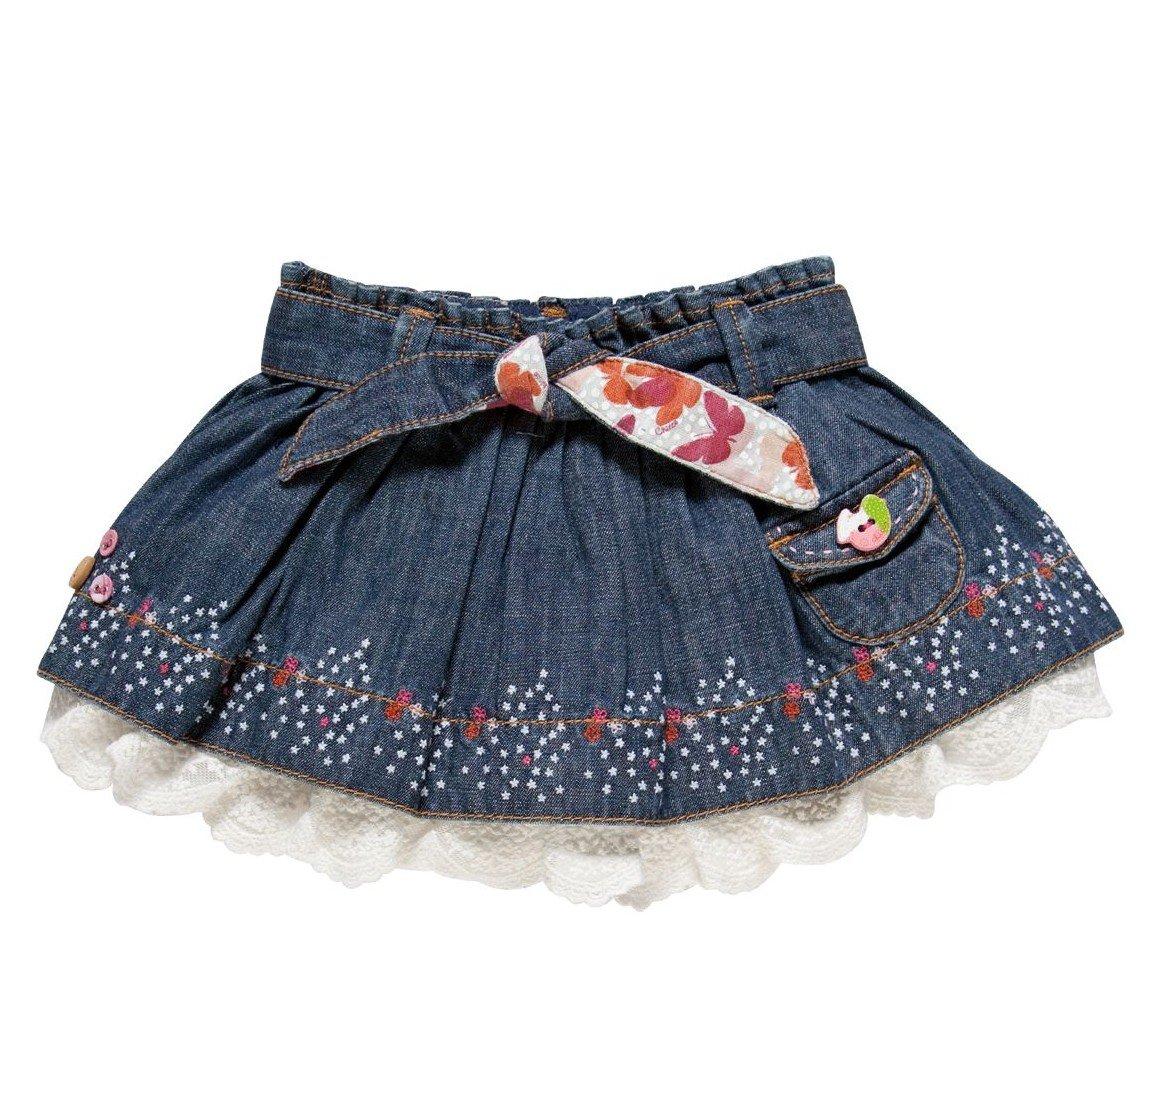 Как сшить юбку для девочки : мастер-класс. Как пошить юбку для девочки 91